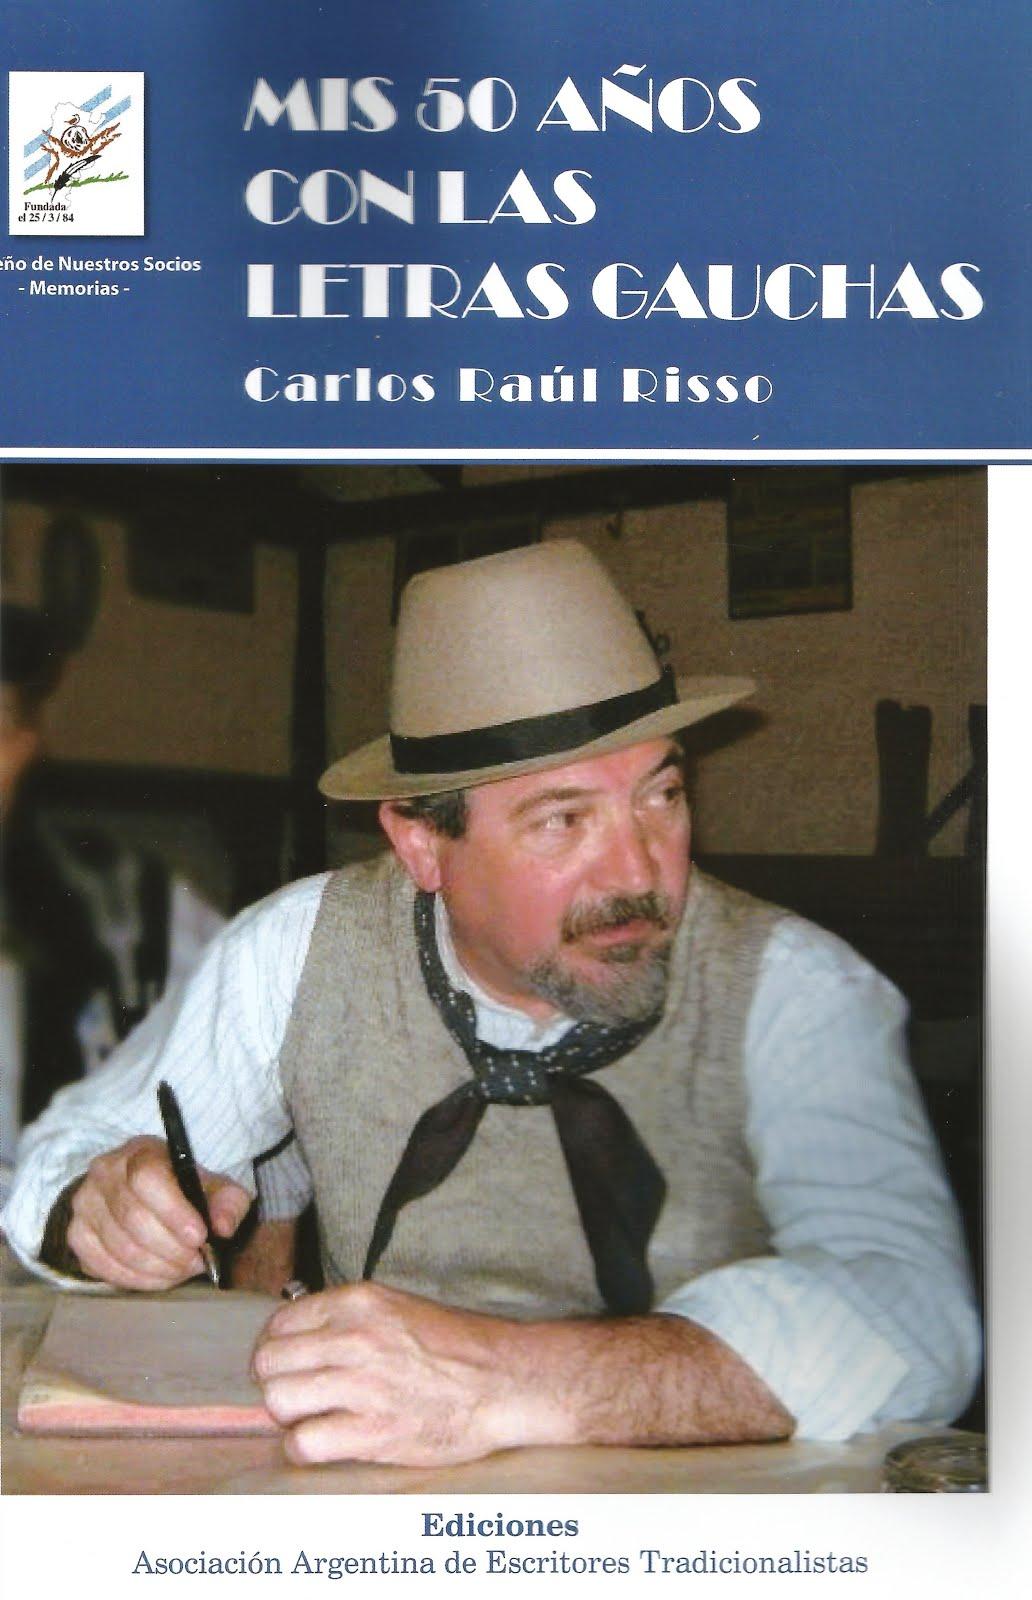 Escritor Costumbrista: abril 2013